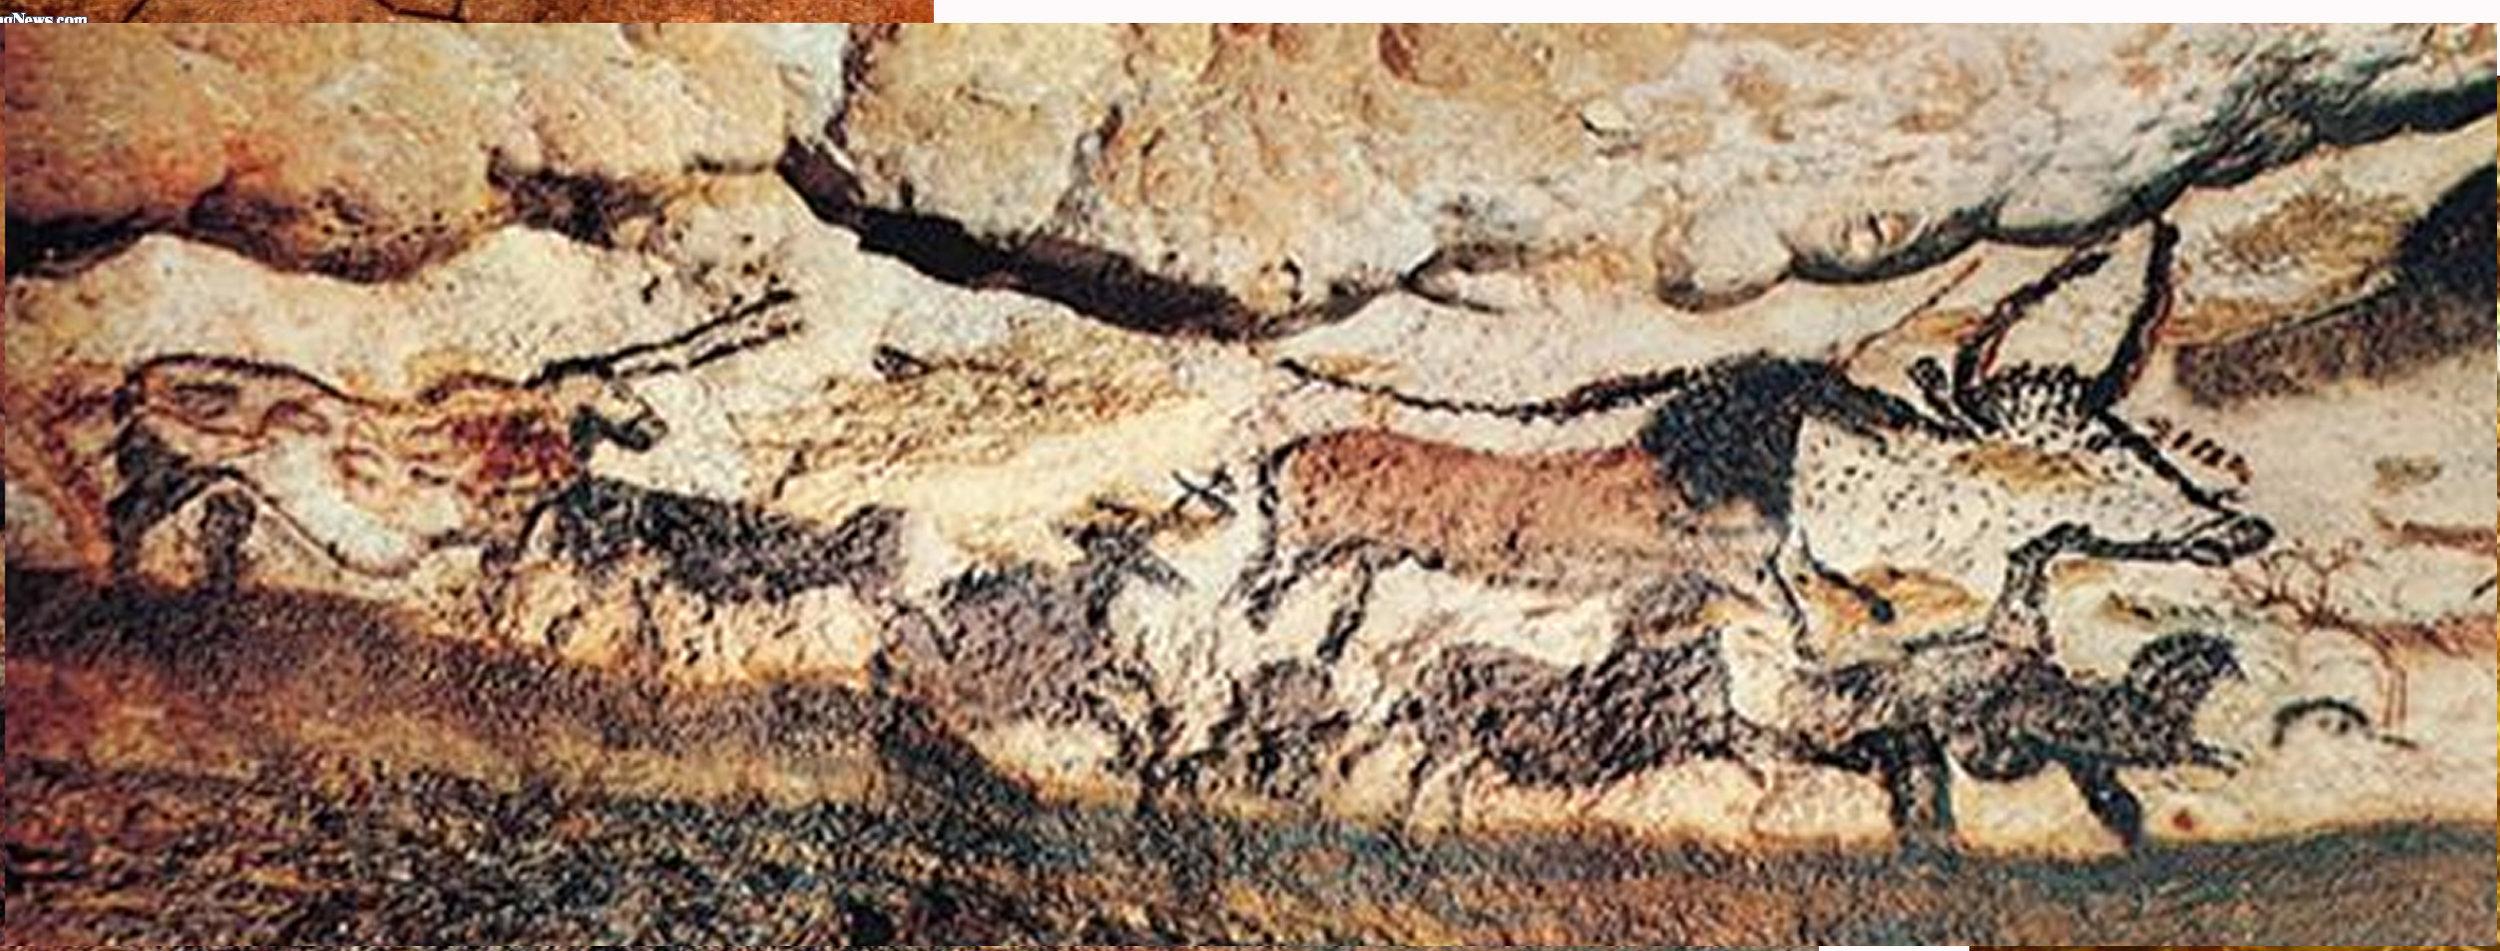 1 blog animal herd.jpg